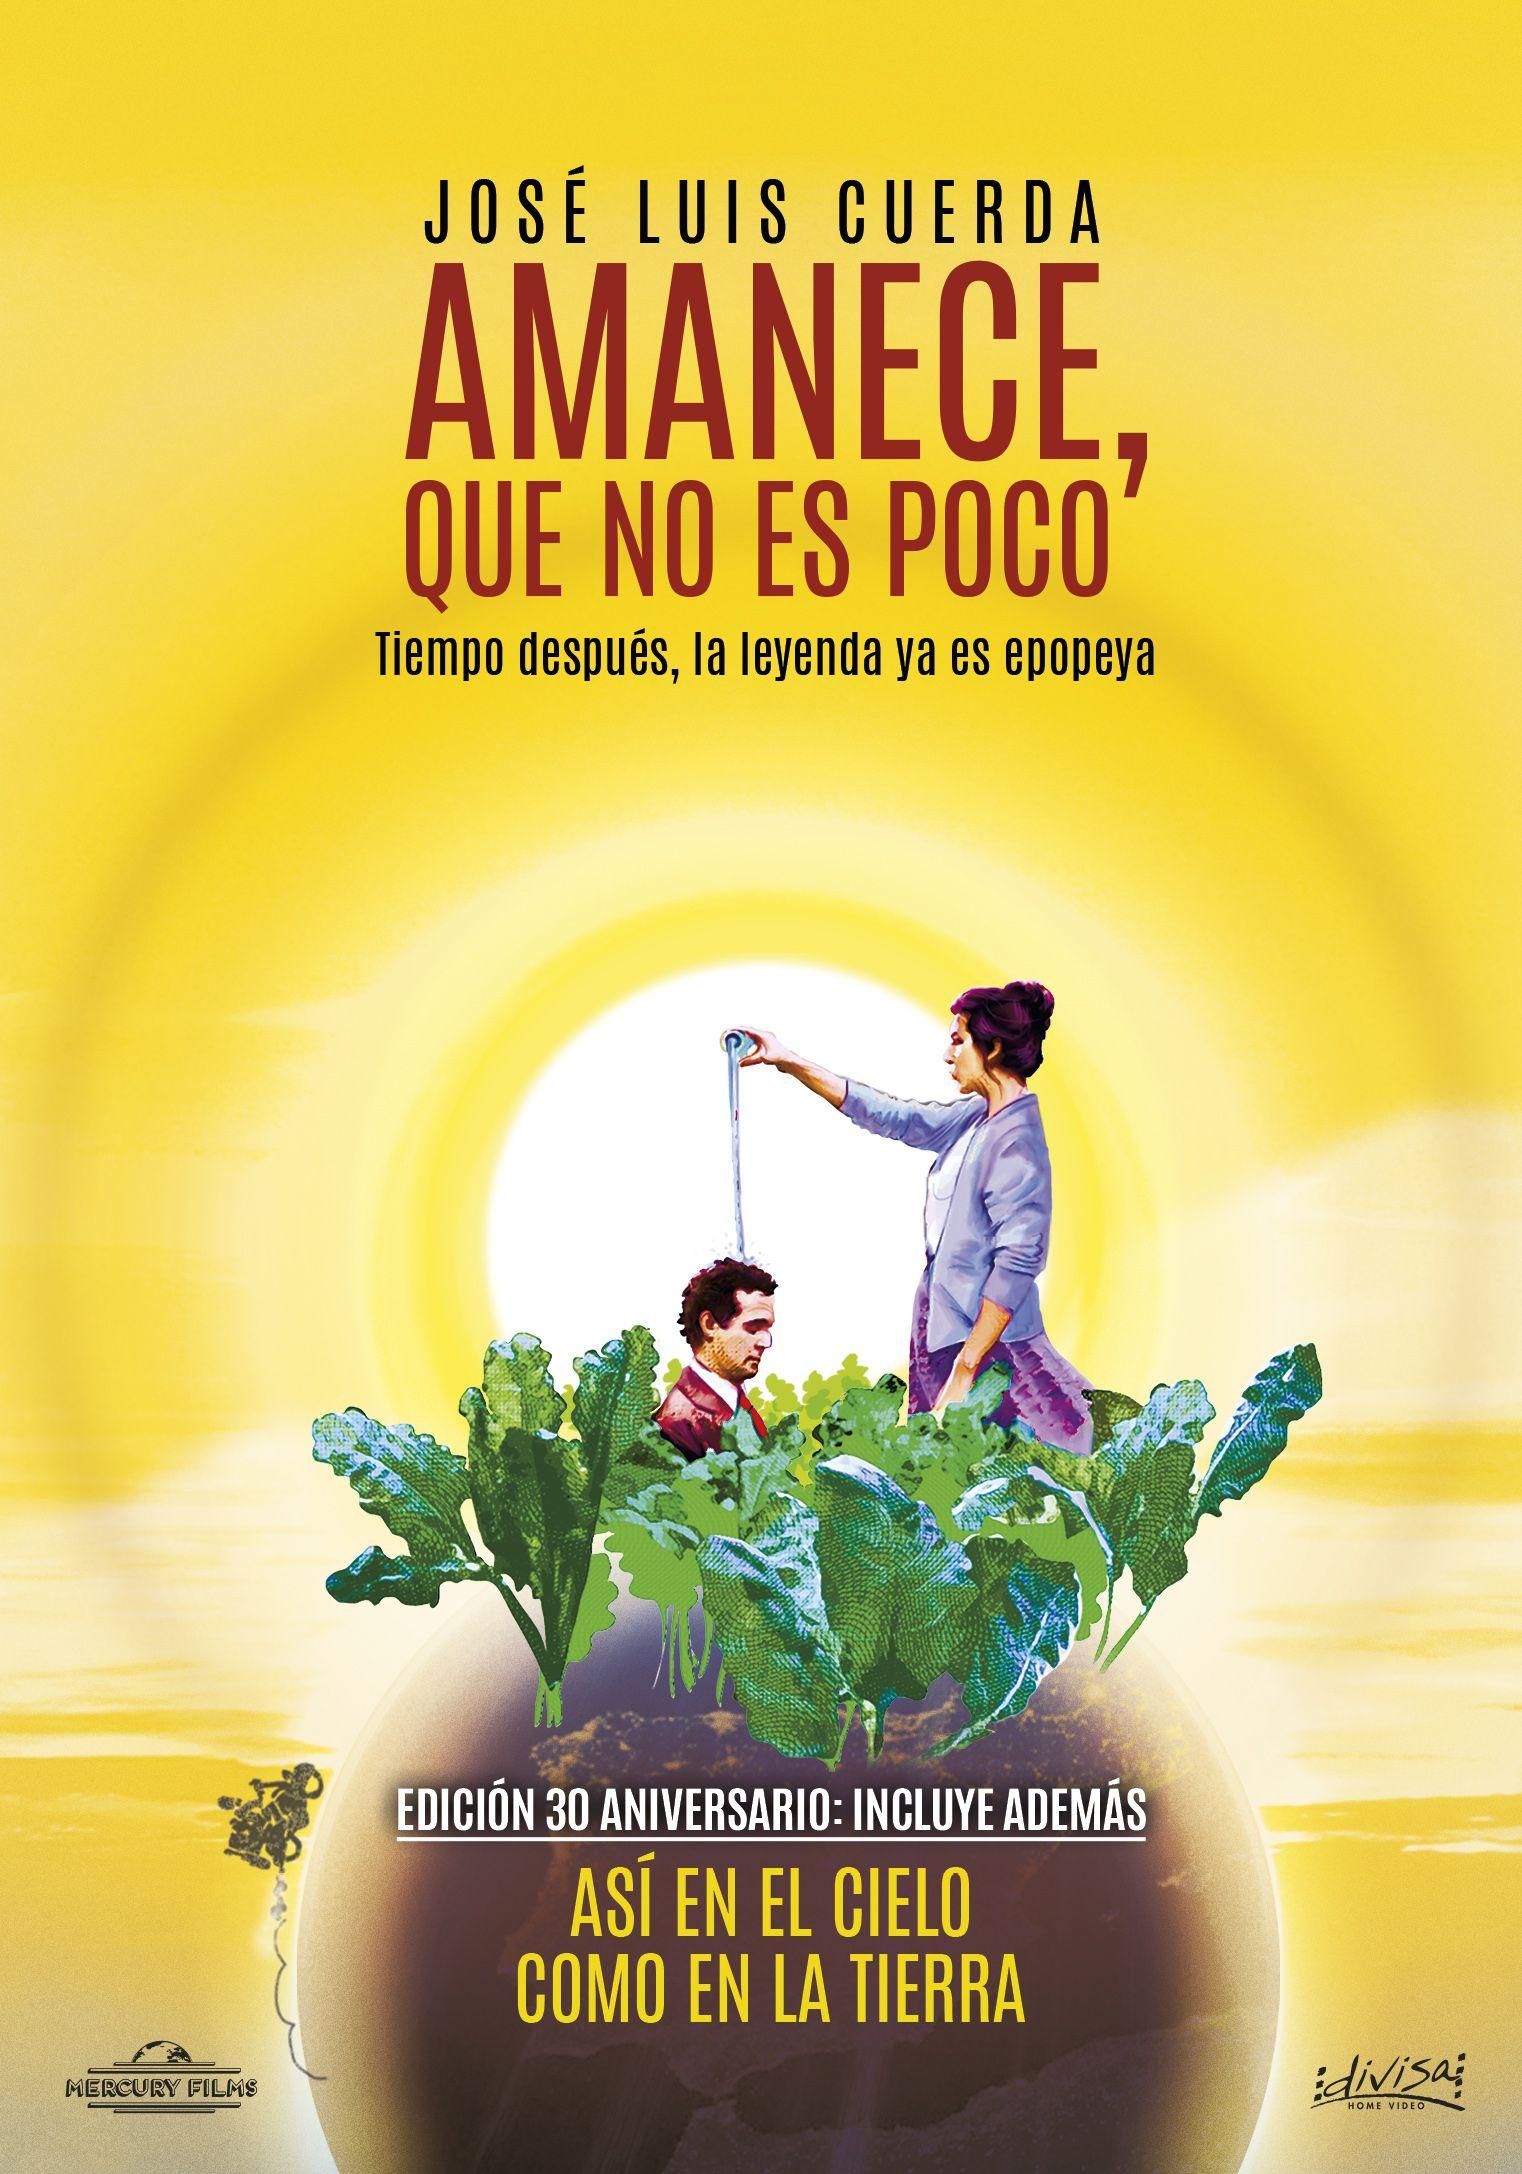 AMANECE QUE NO ES POCO Ed.30 Aniv (2 DVD